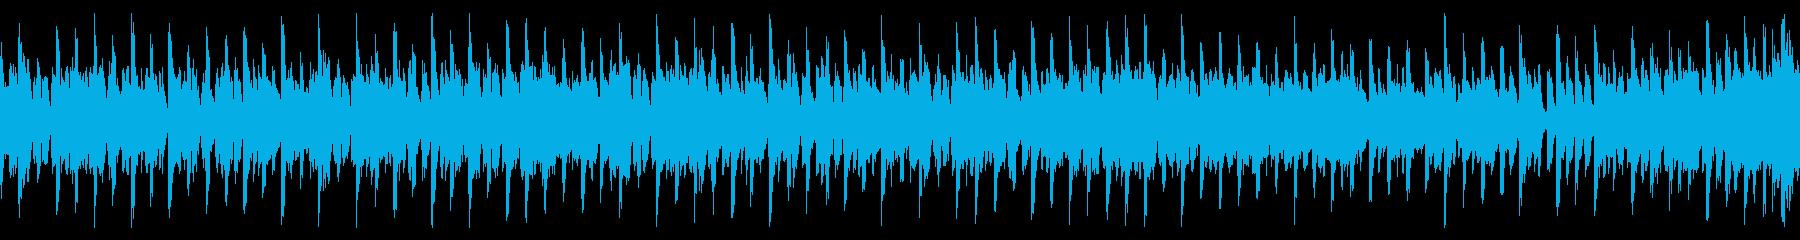 とにかく元気でpopに弾けるサウンド!!の再生済みの波形